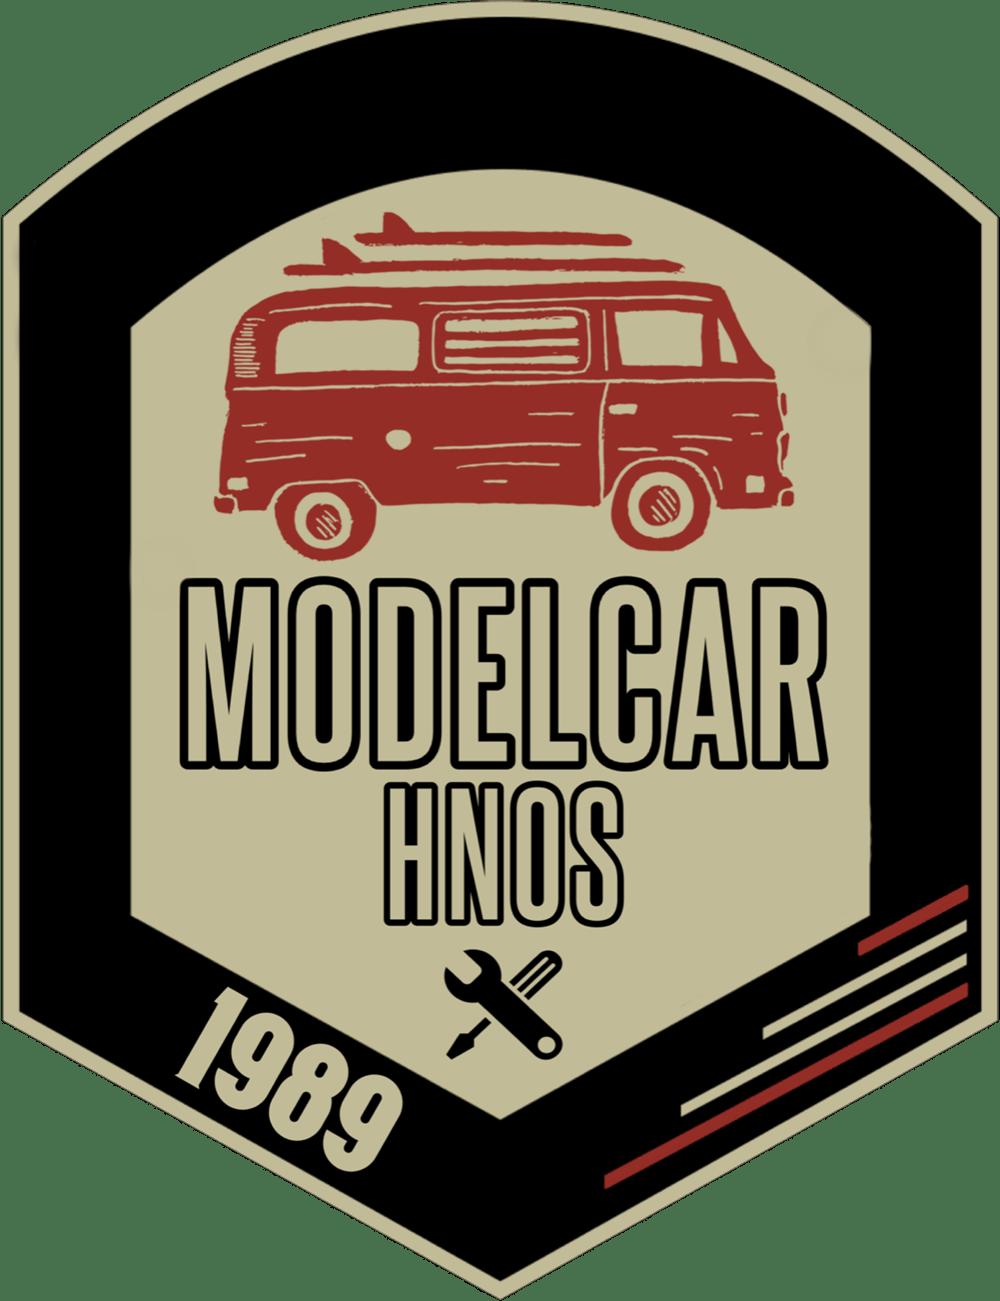 ModelCar Hermanos